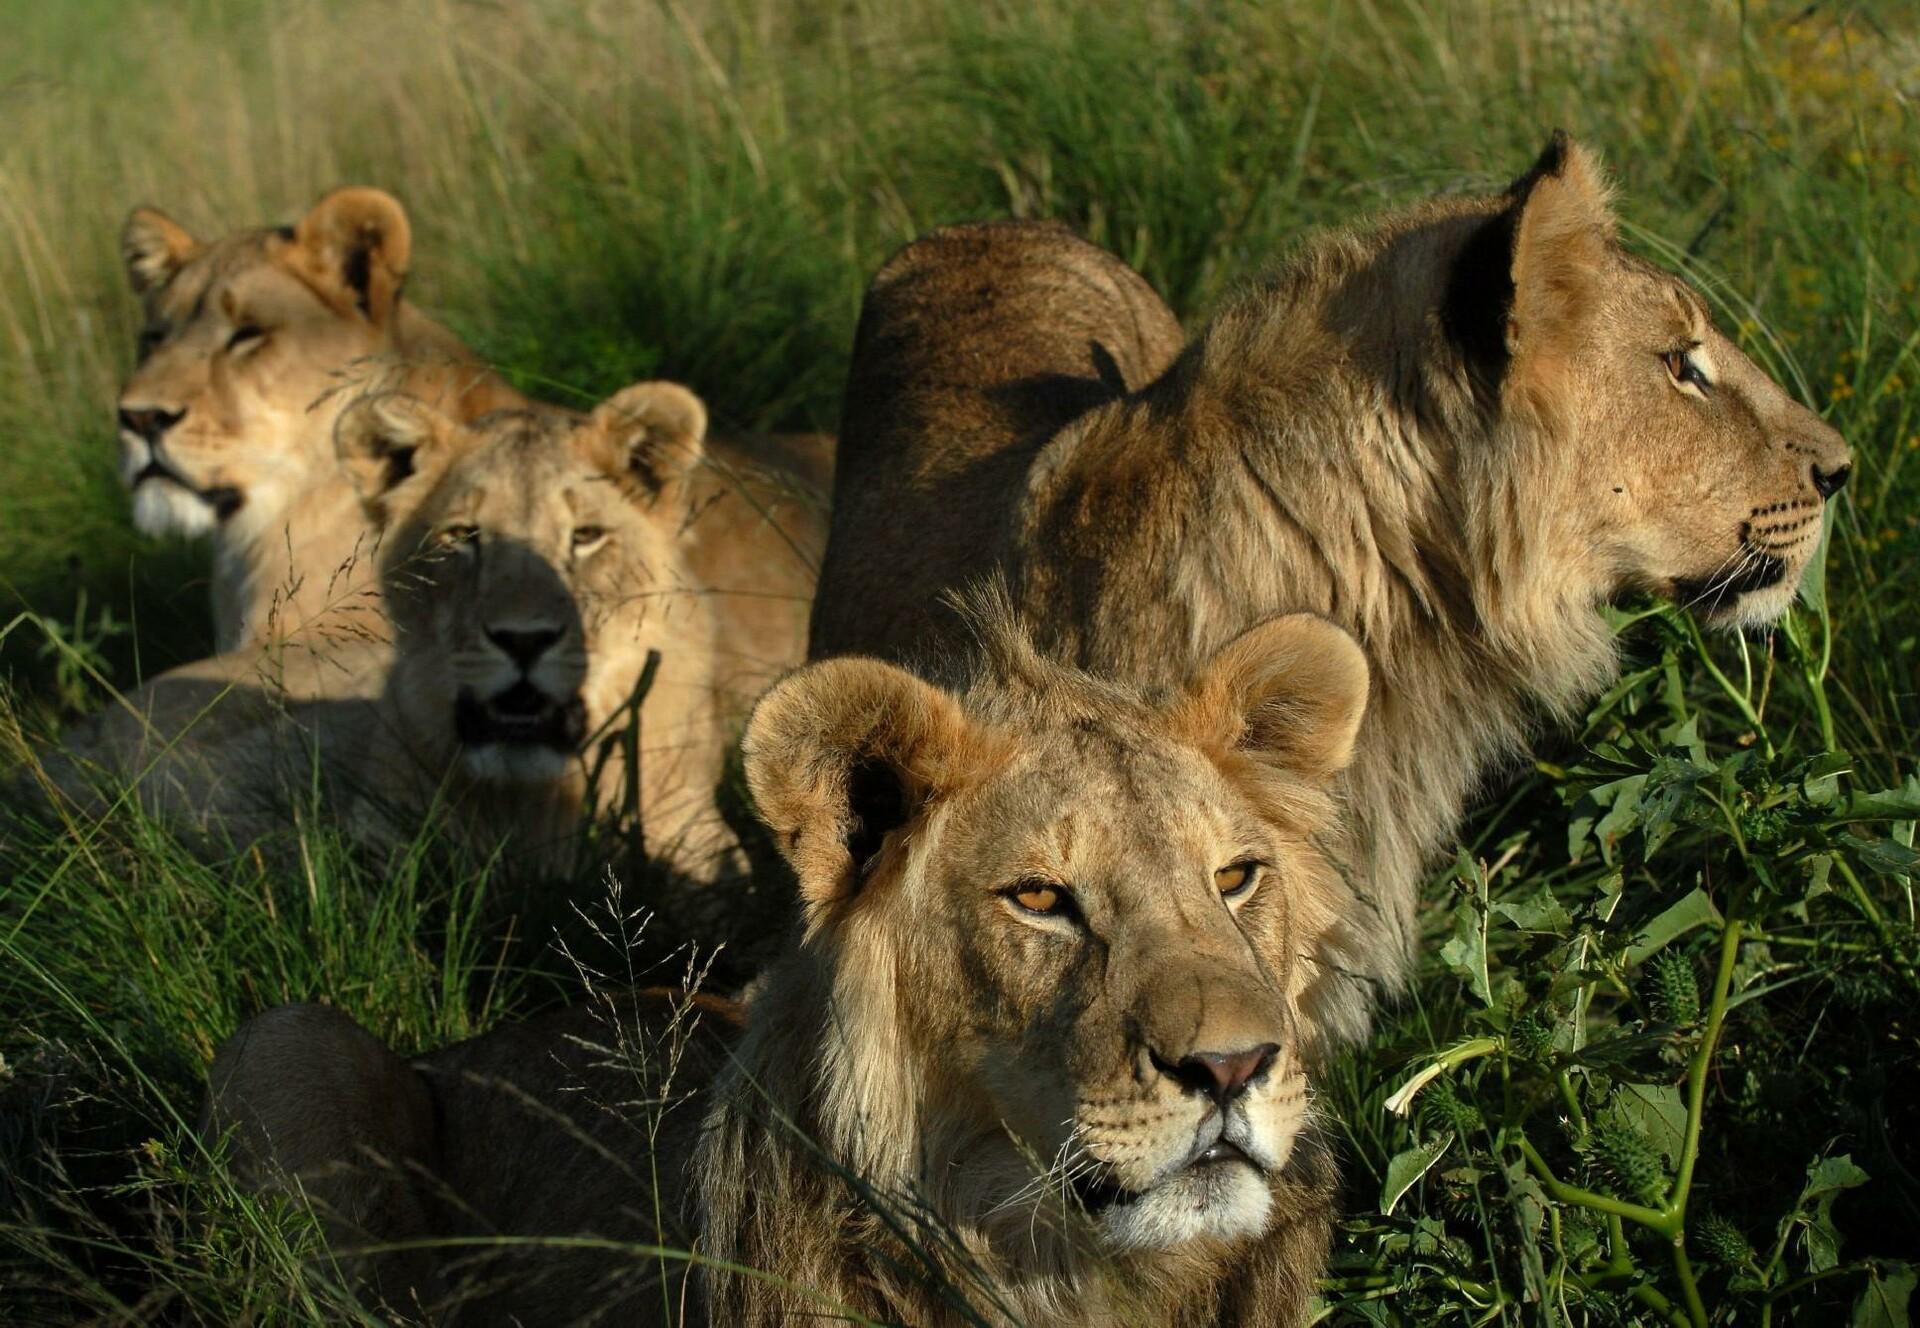 Zwei Löwen auf einer Wiese